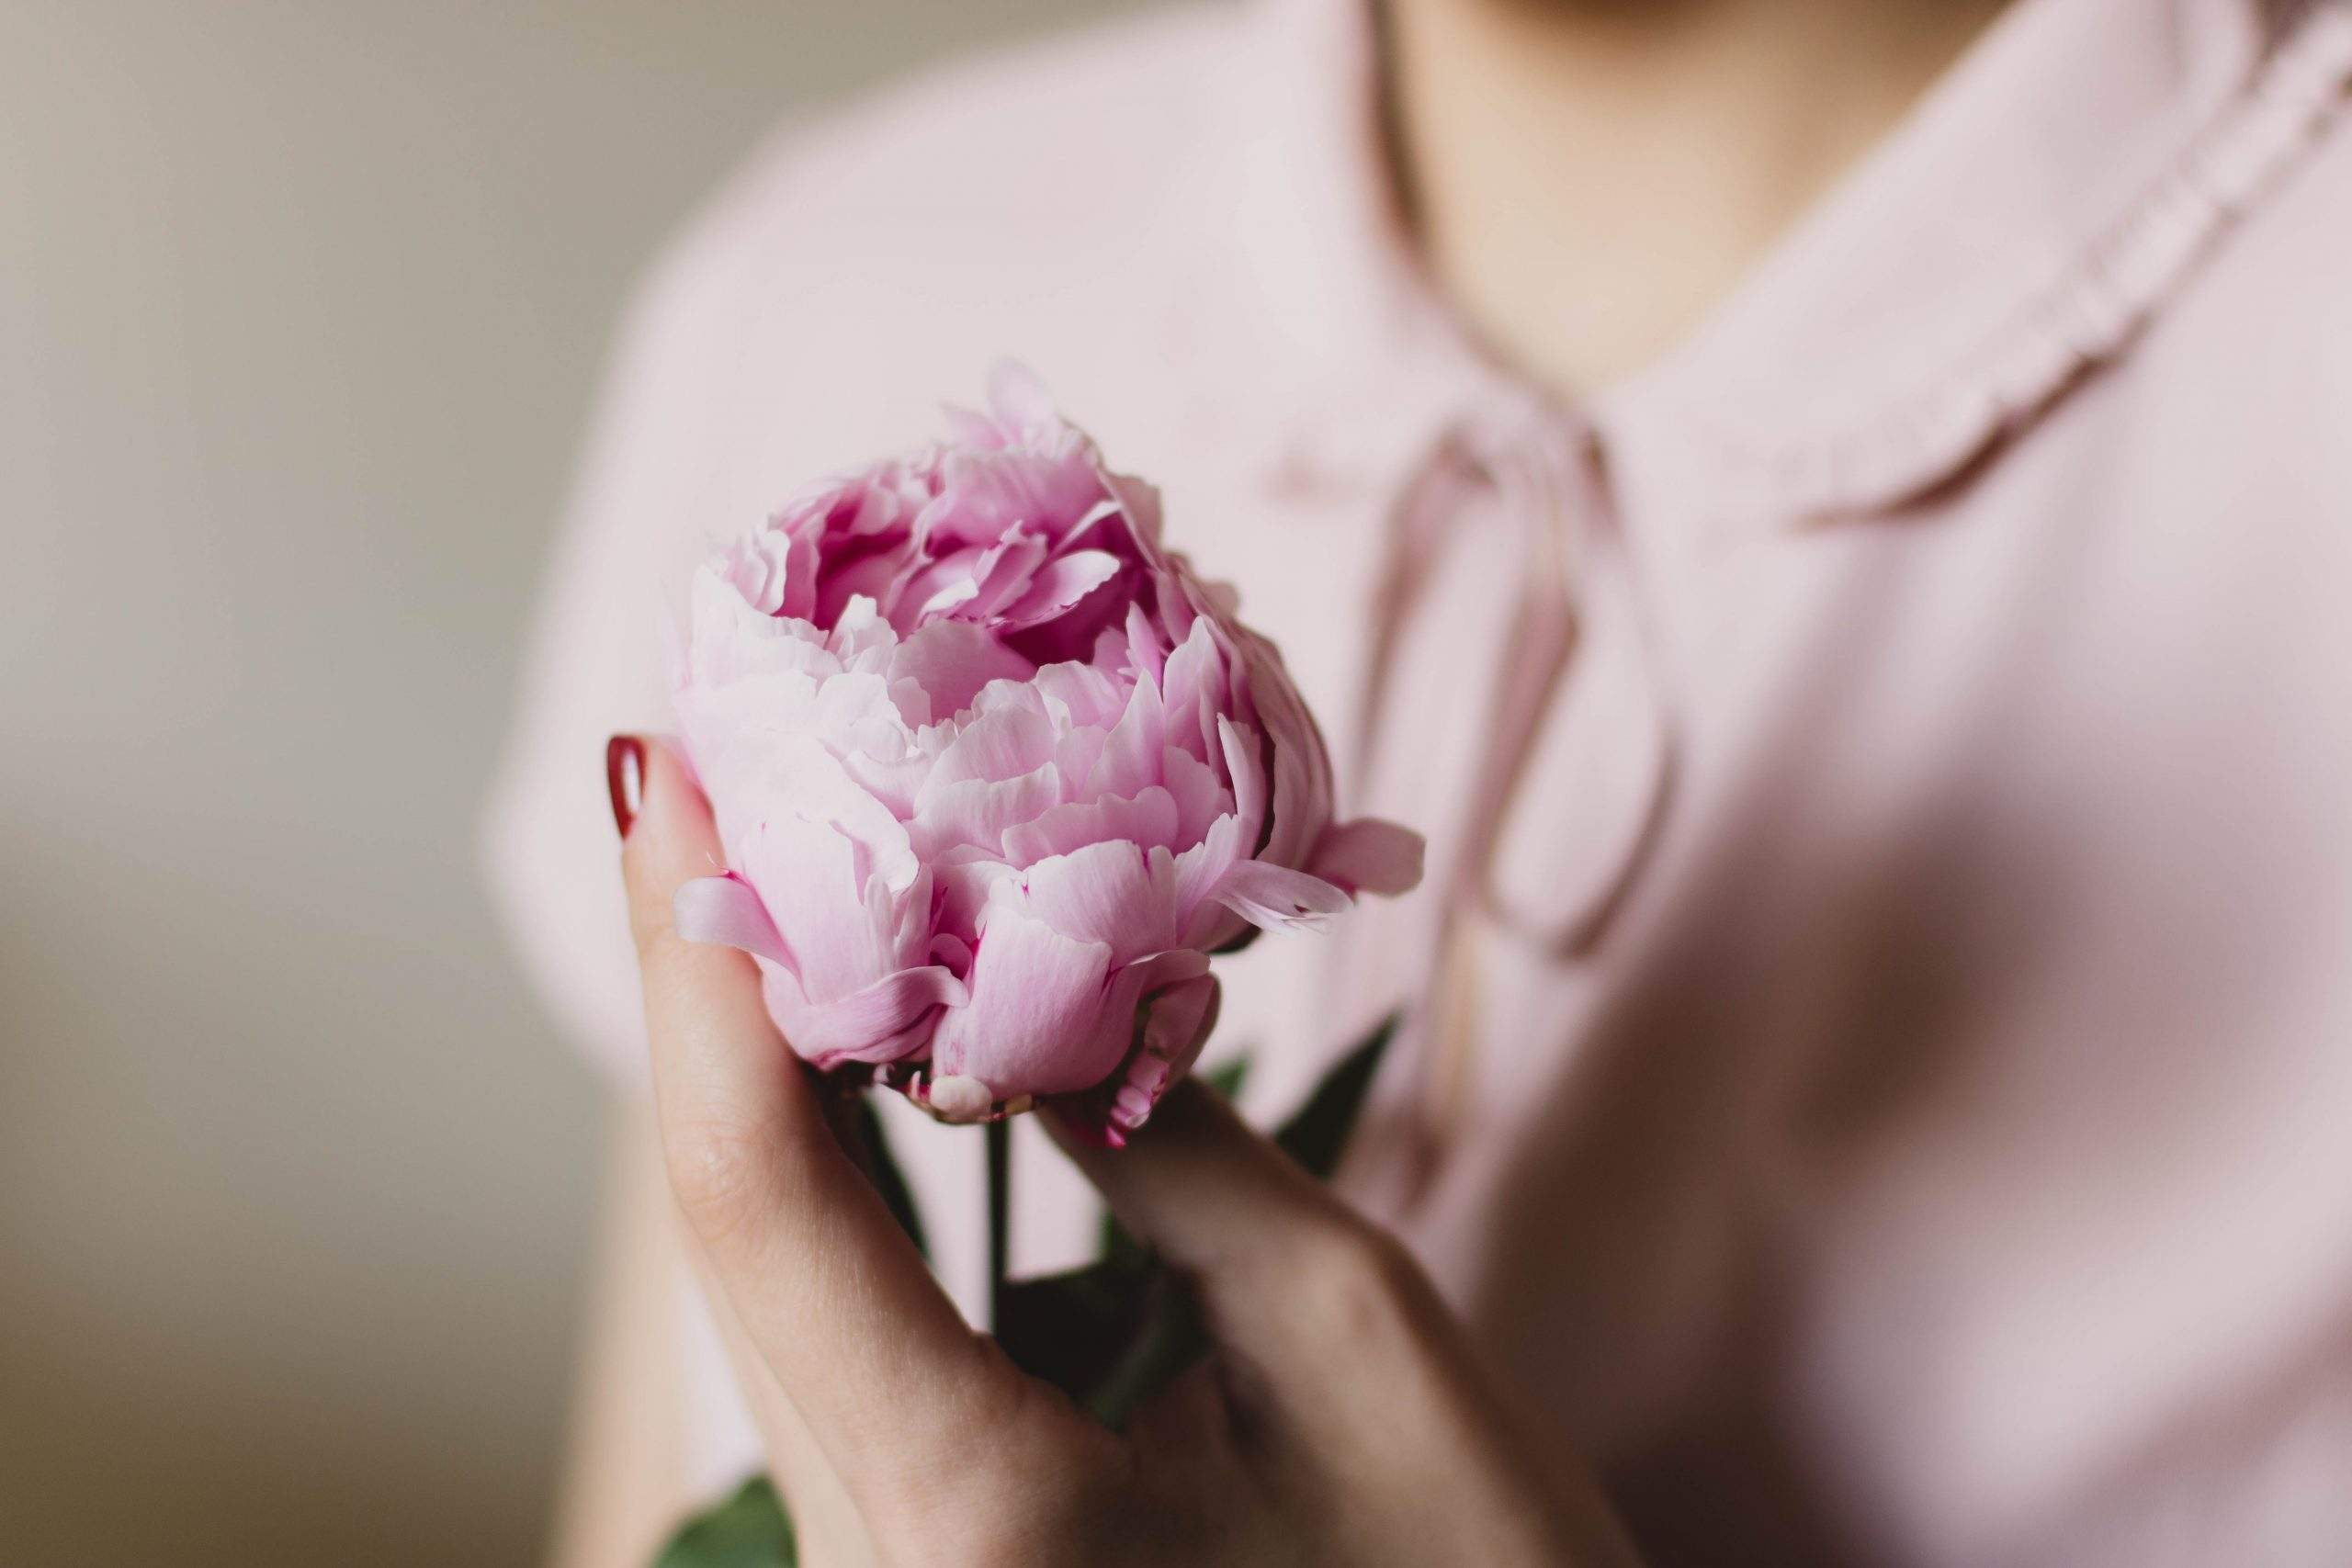 Tratamiento para cáncer de mama